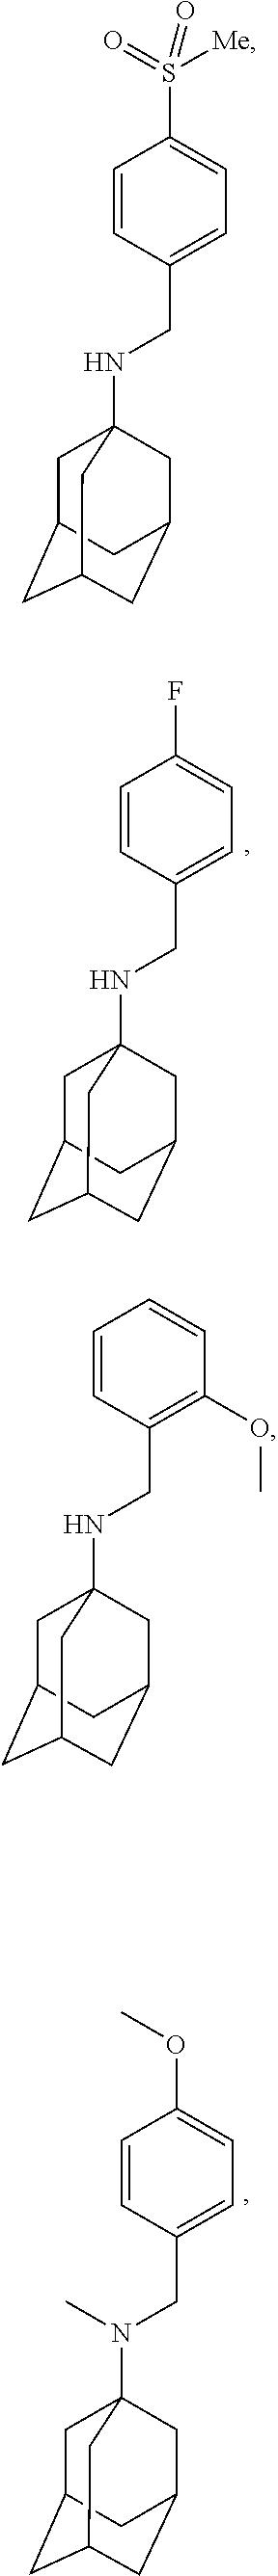 Figure US09884832-20180206-C00110